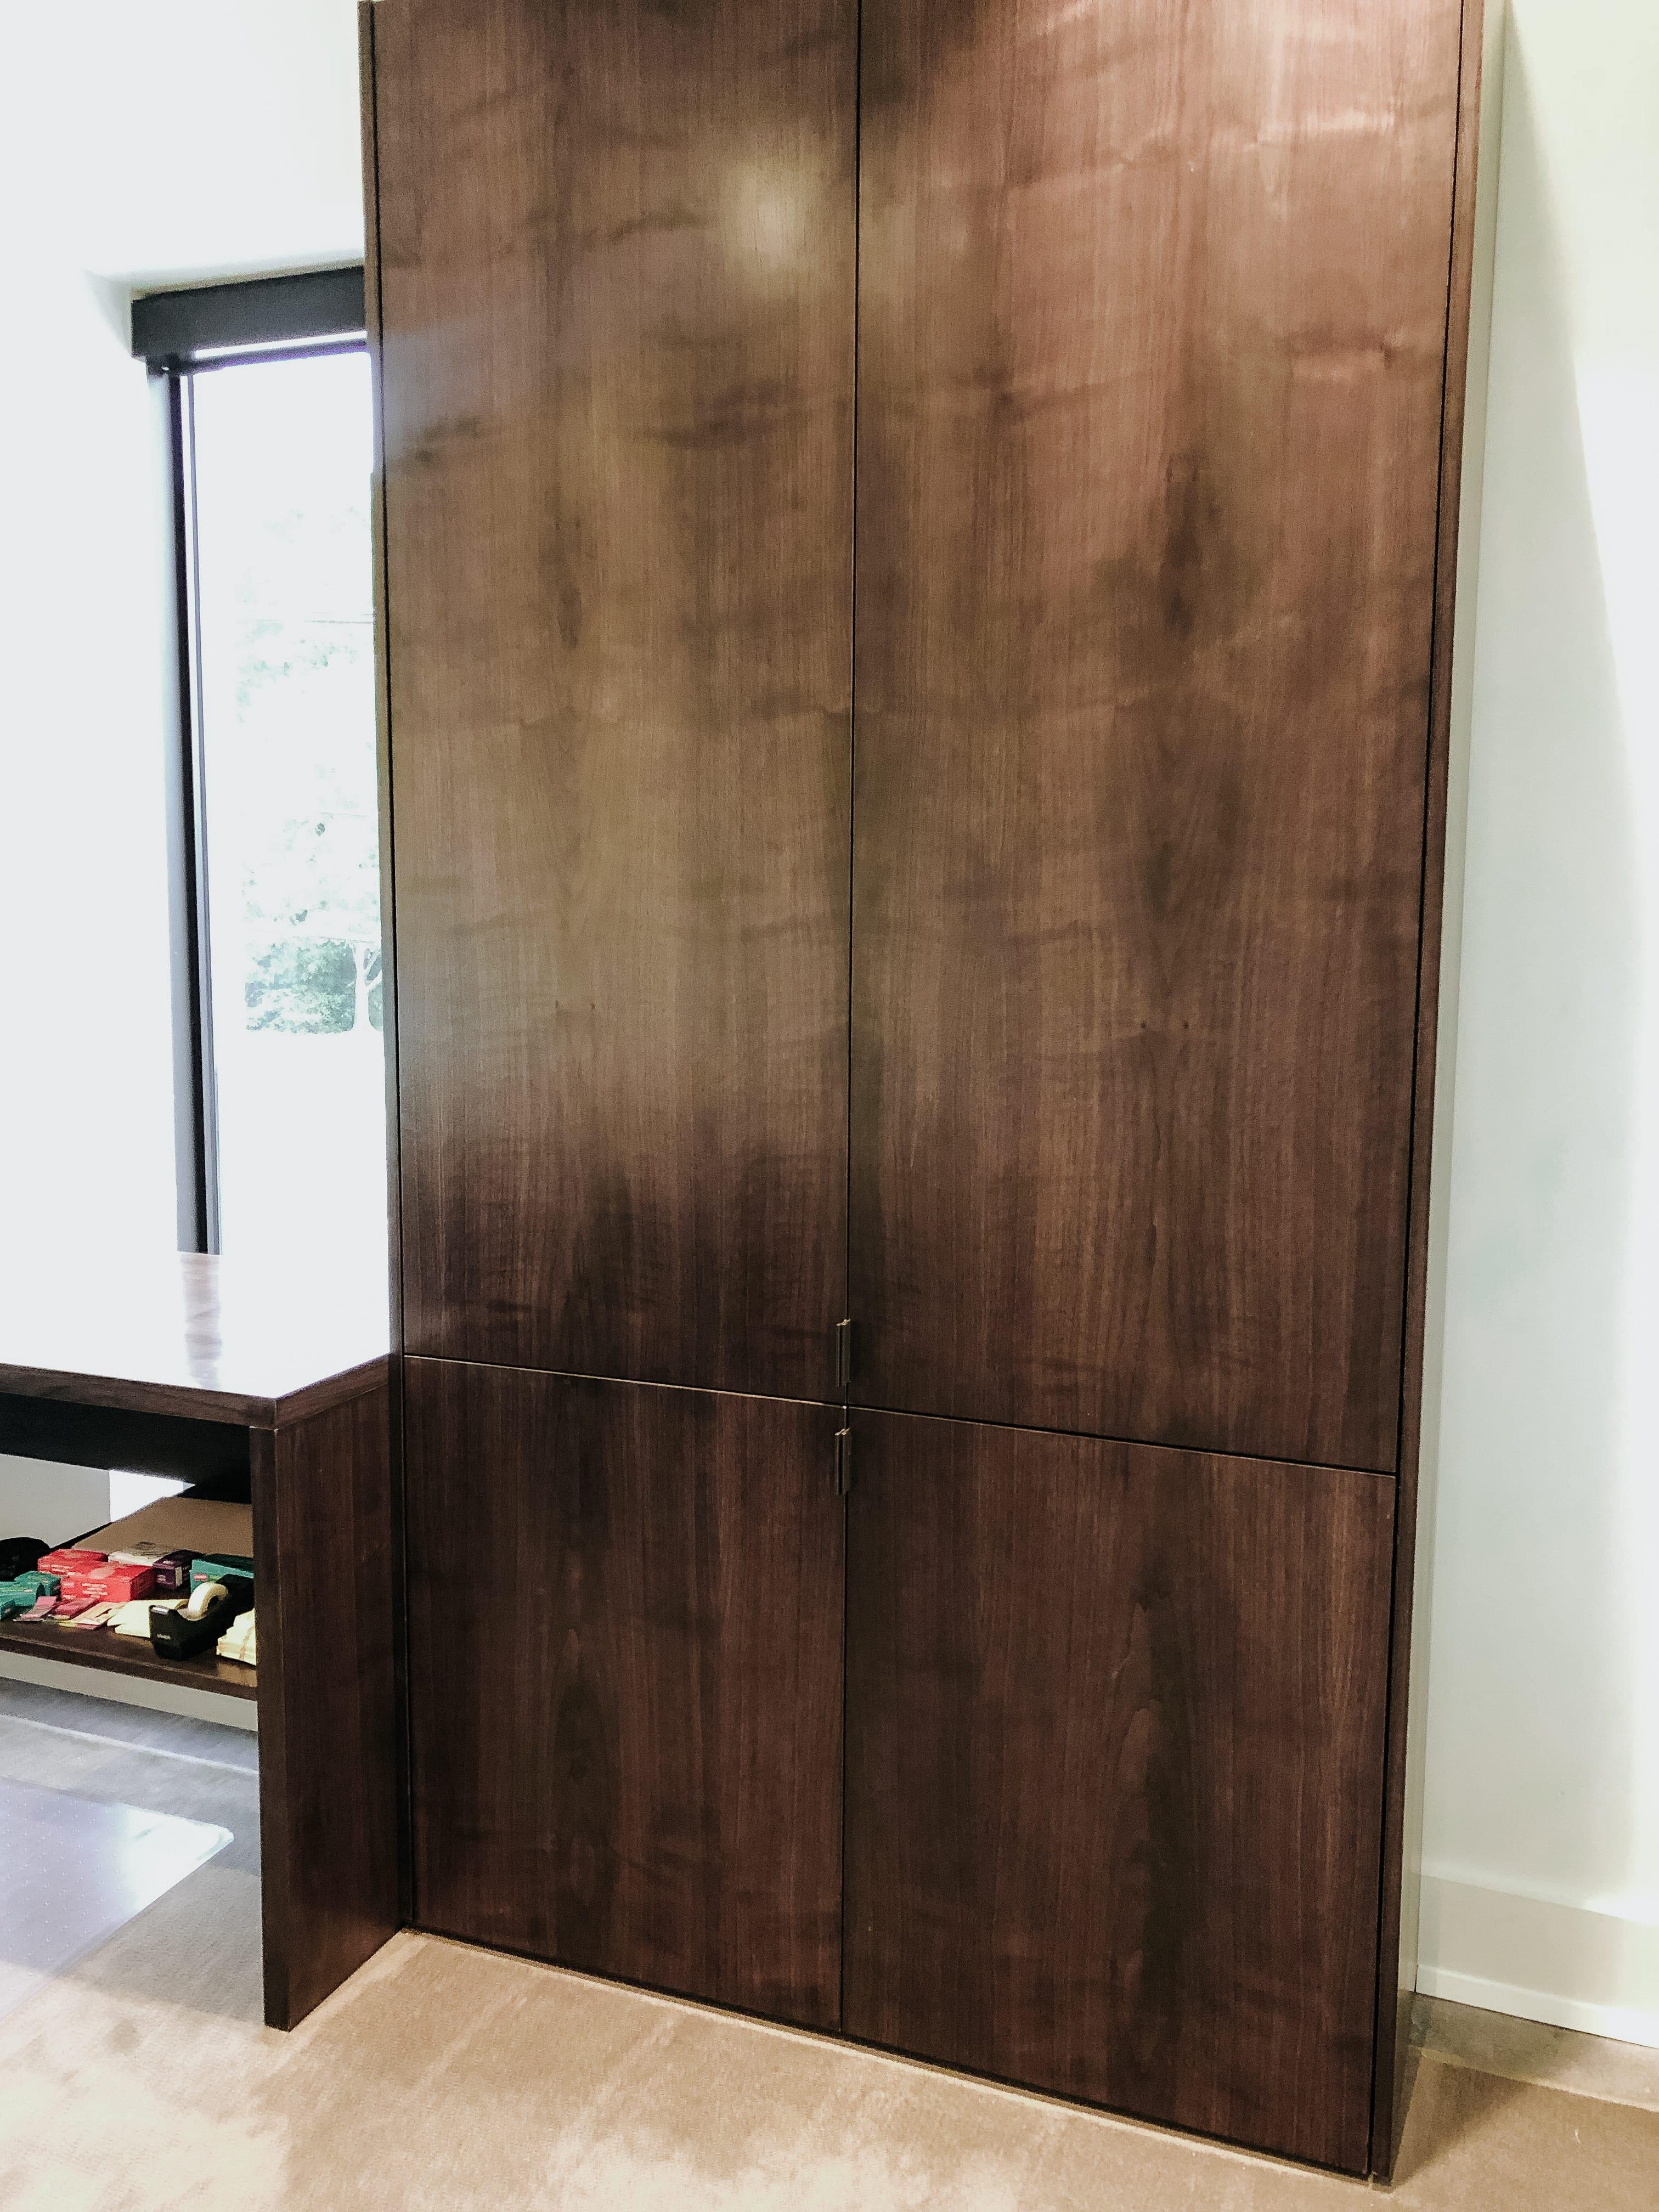 Walnut Kitchen Cabinets Work in Progress